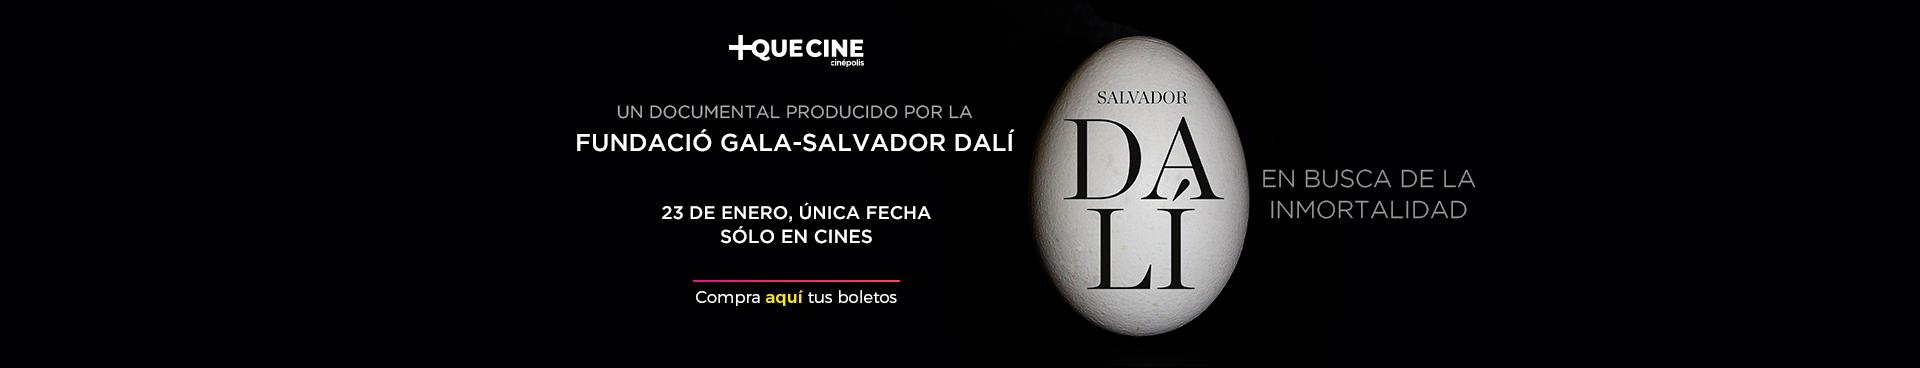 +Que Cine: Jiji Ito